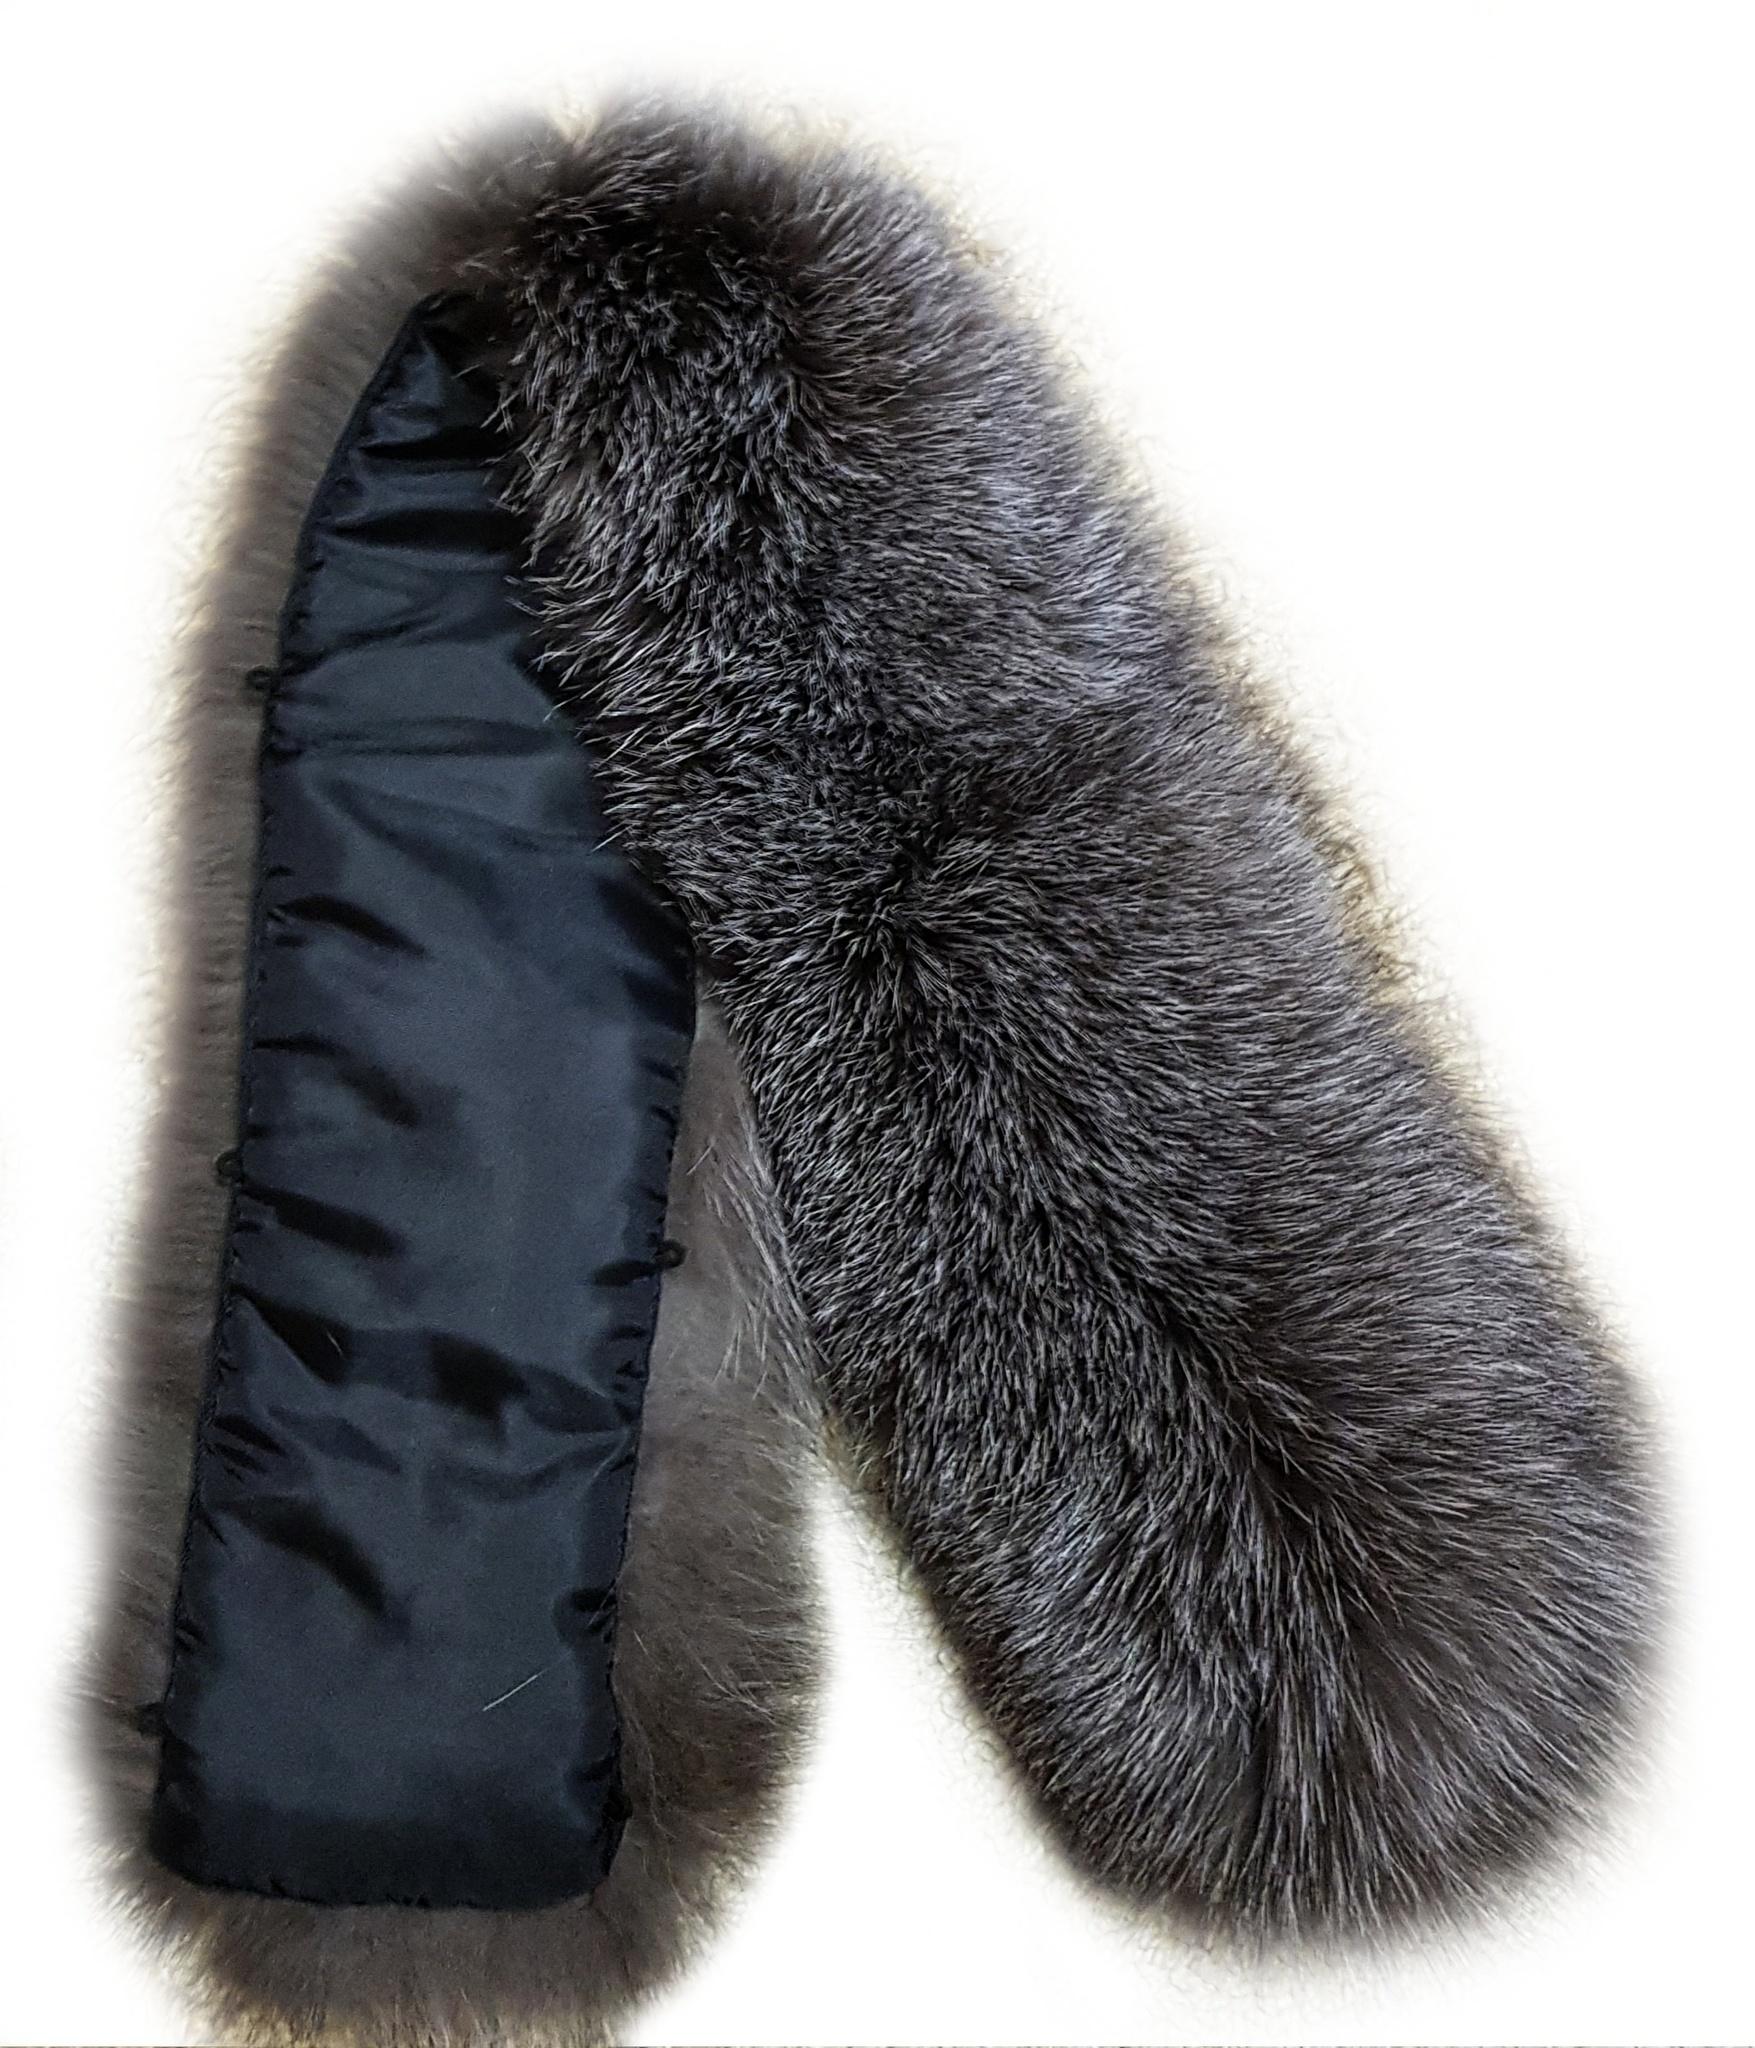 Опушка меховая на капюшон из натурального меха лисы 80 см. Широкая